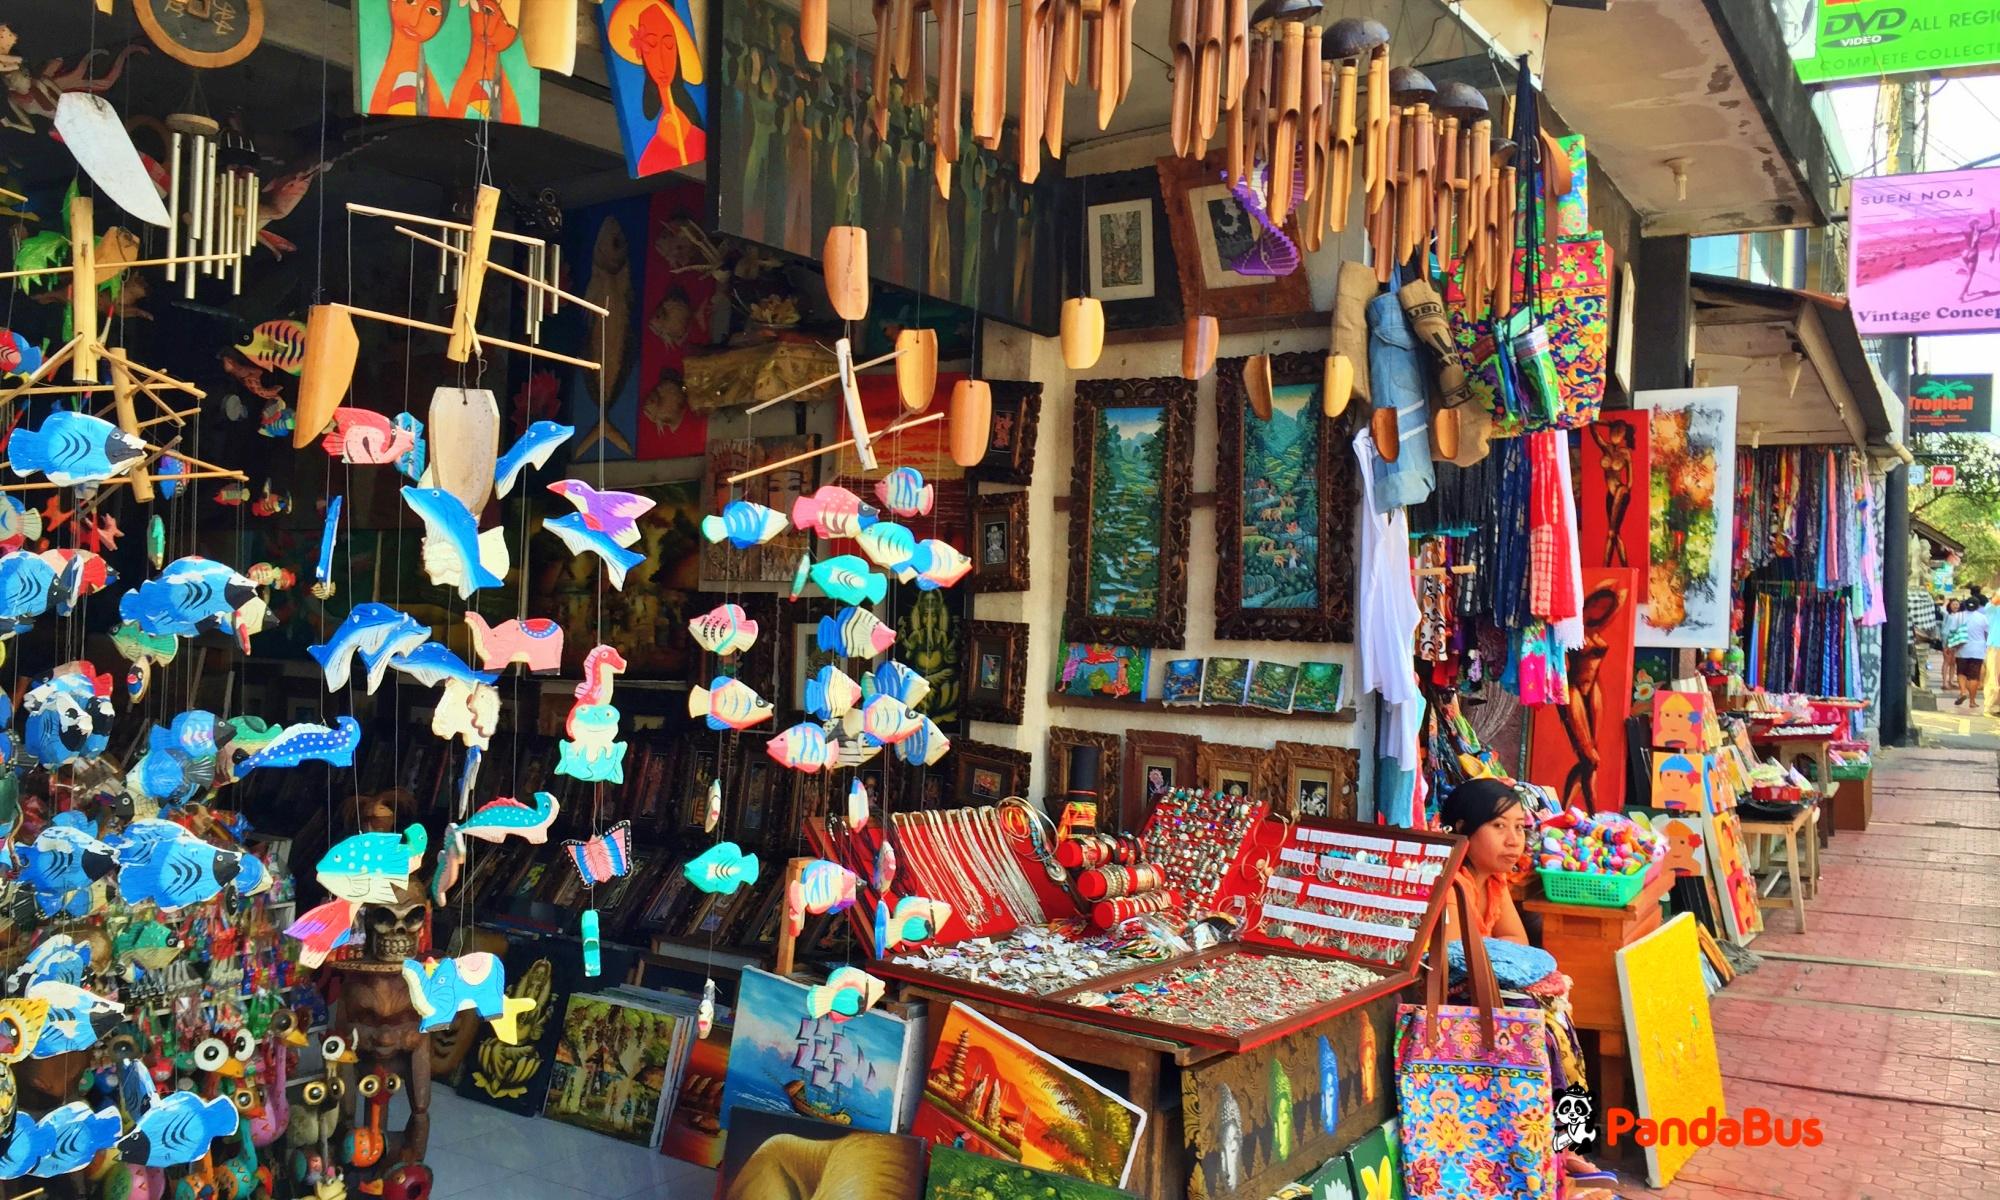 有名な雑貨屋などがひしめく『モンキーフォレストストリート(猿の森通り)』散策 希望者はウブド王宮もご覧いただけます。